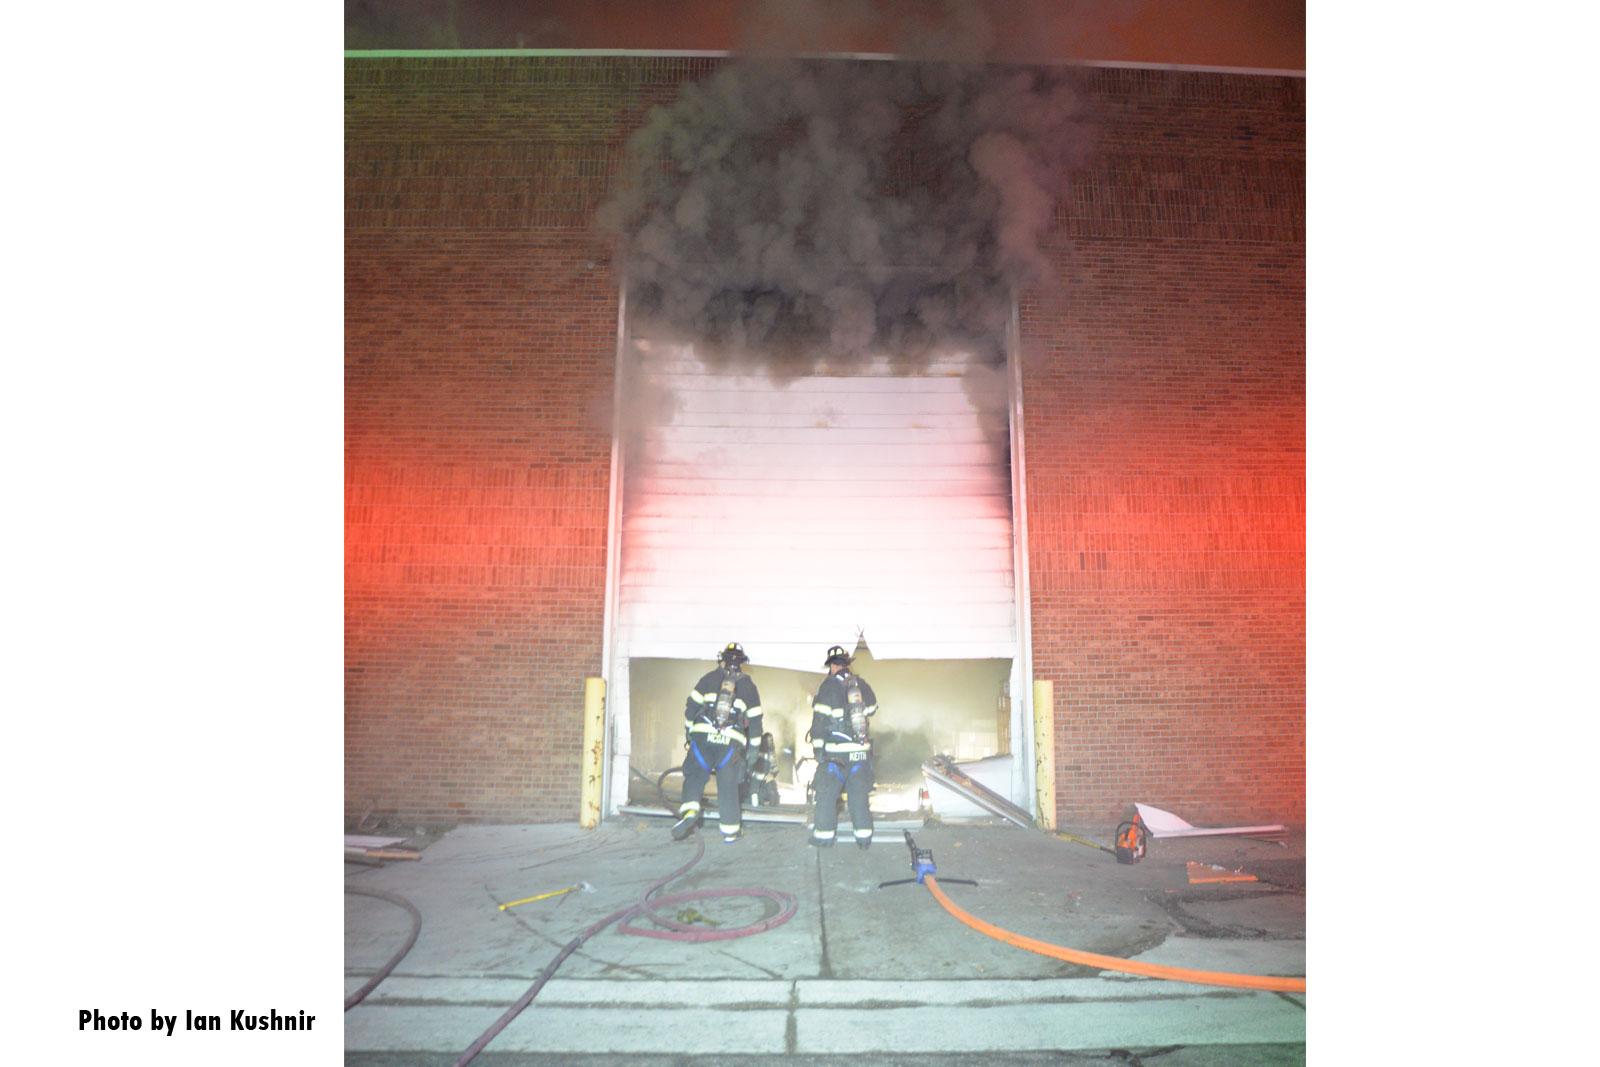 Smoke and rolldown door